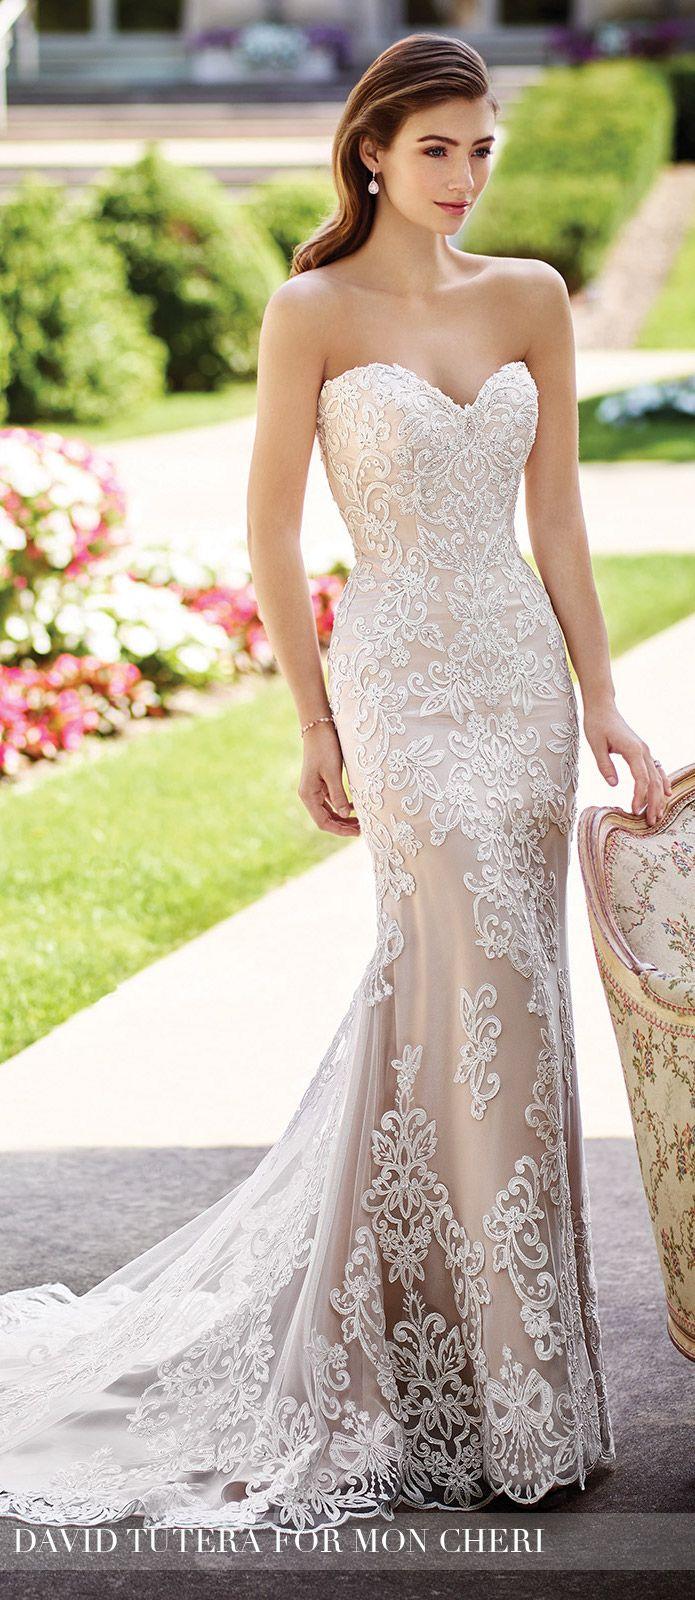 best bröllopsklänning images on pinterest bridal gowns bridal